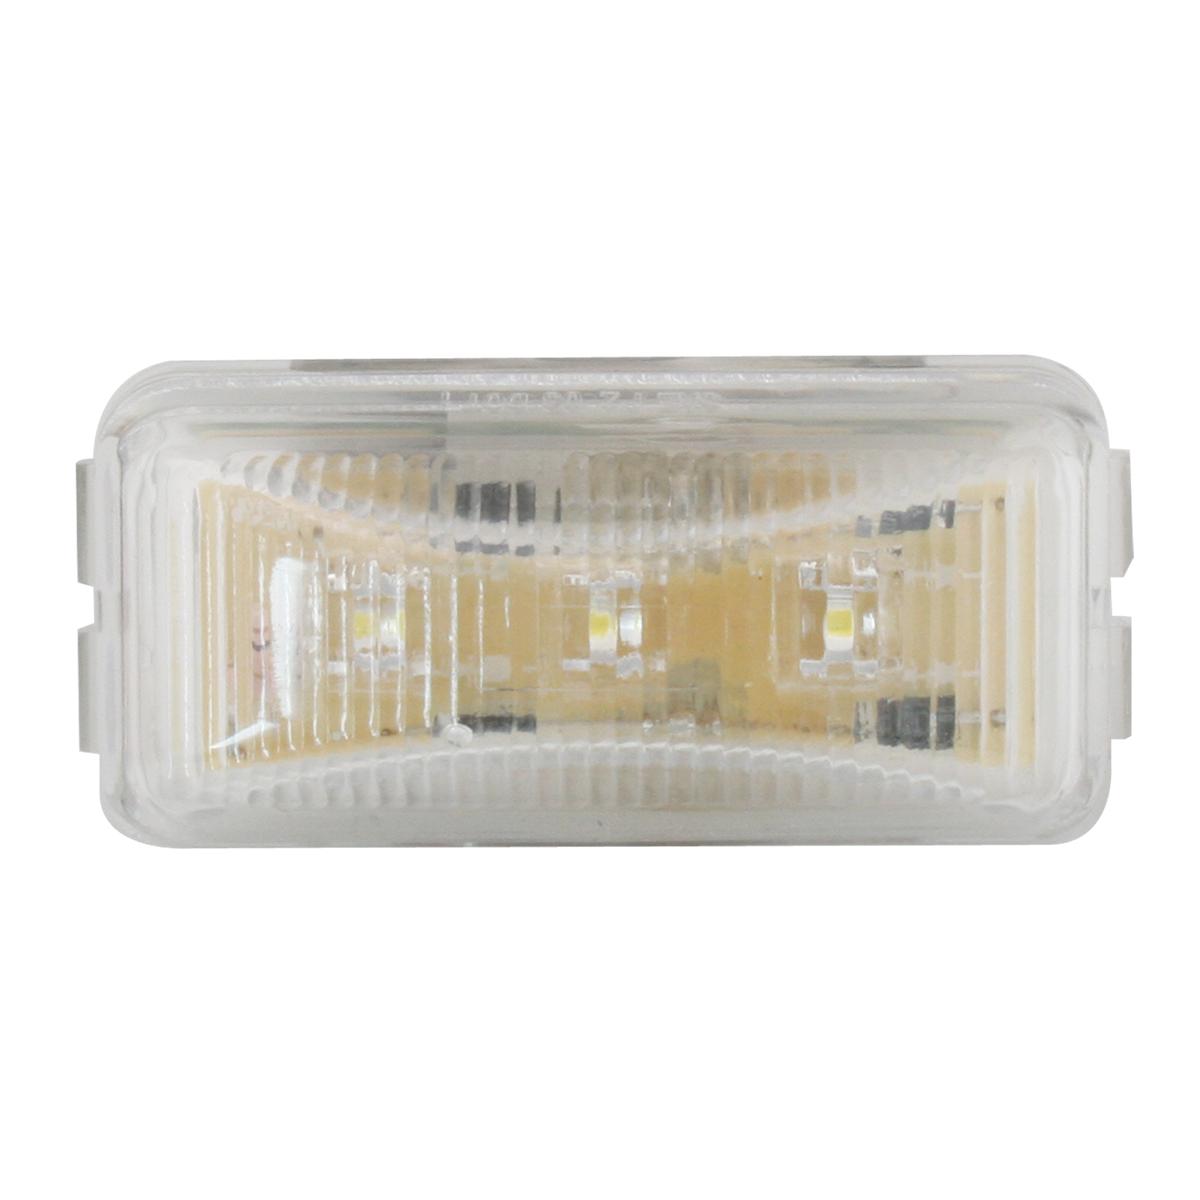 87647 Small Rectangular LED Marker Light in White/Clear